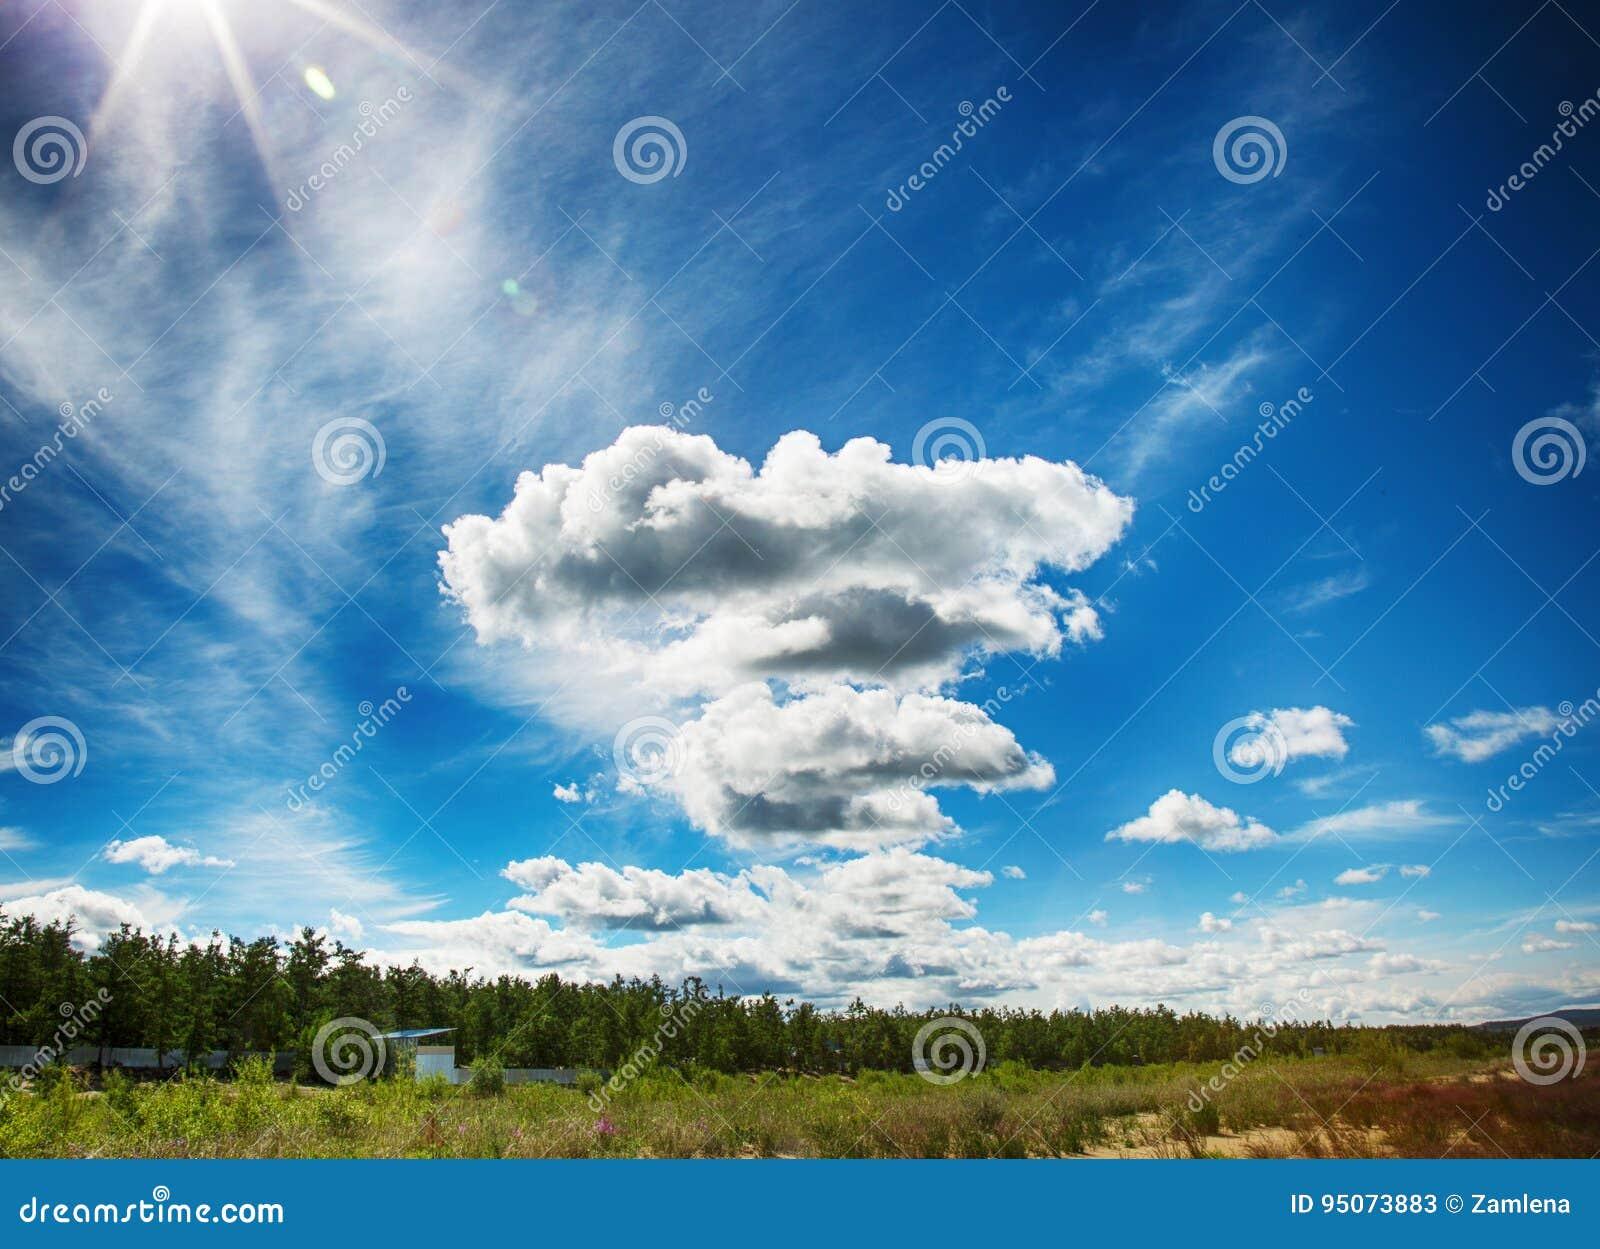 Bewölkt Blauen Himmel Früher Morgen Des Sommers Stockbild - Bild von ...